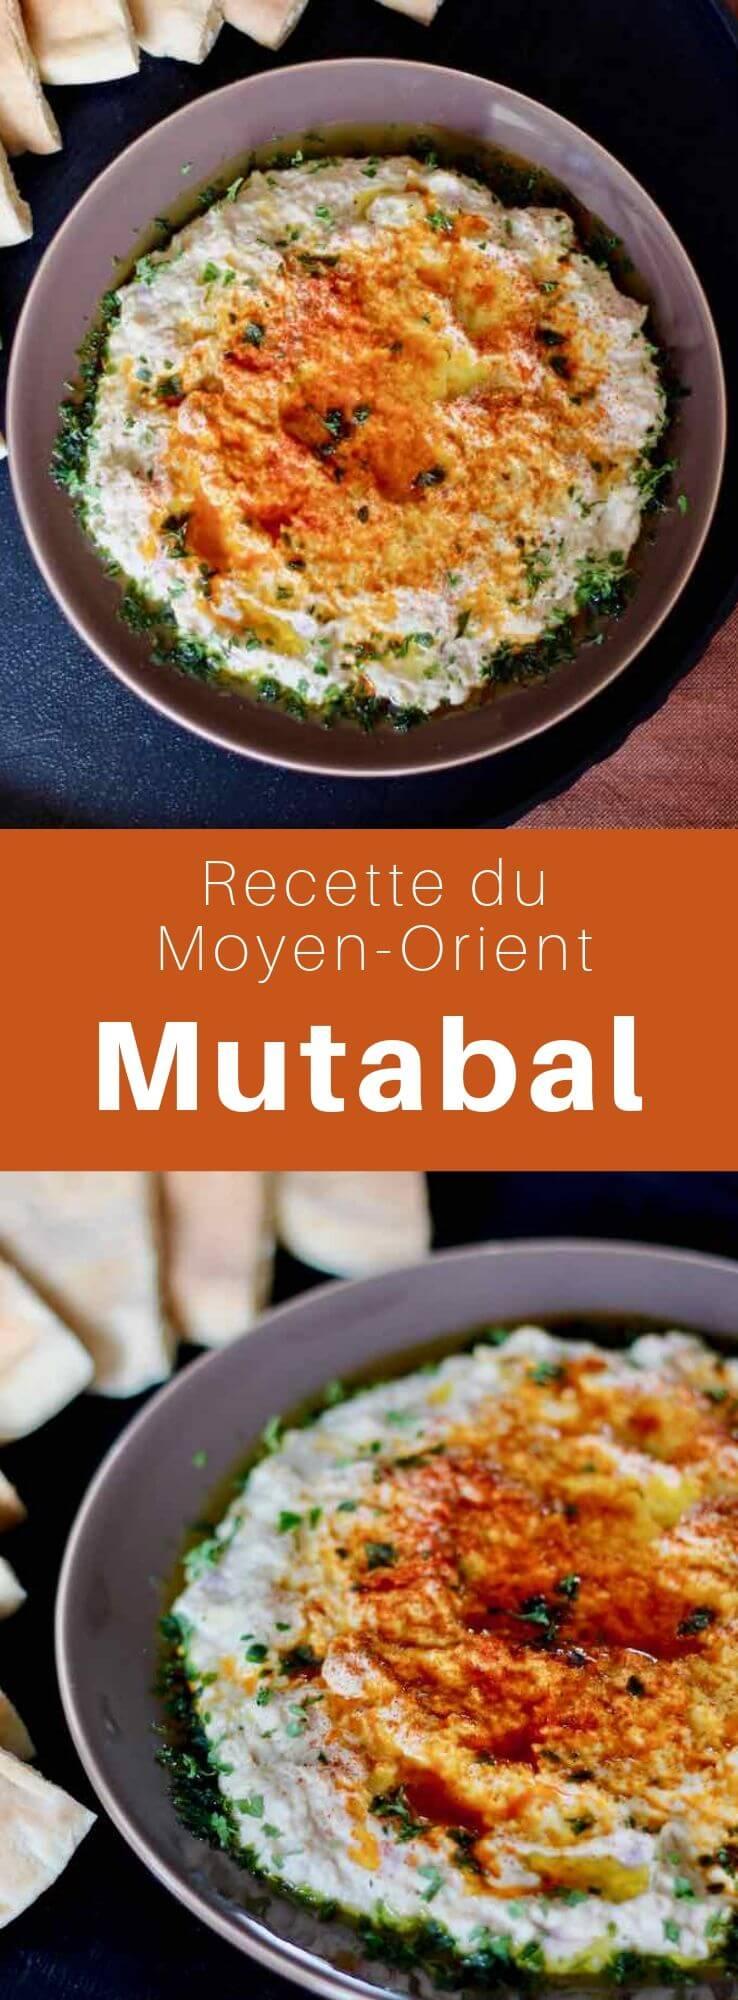 Le moutabal, un caviar d'aubergine né du baba ghanoush, est un mezzé tradionnel du Moyen-Orient à base d'aubergine, tahini, yaourt, citron et ail. #CuisineMoyenOrientale #MoyenOrient #CuisineArabe #RecetteArabe #CuisineDuMonde #196flavors